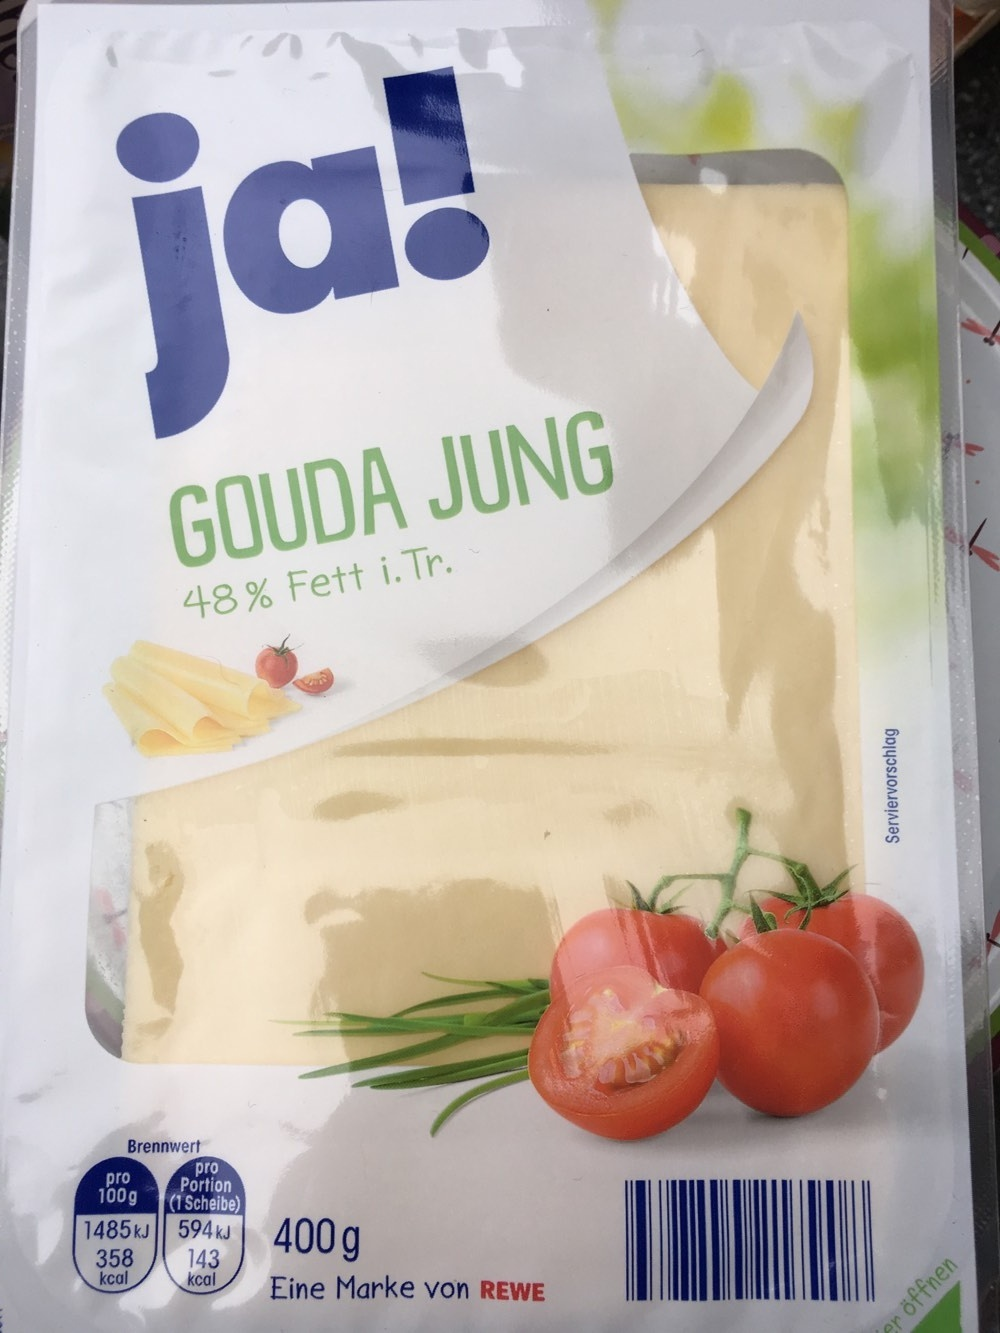 Gouda Jung 48% Fett i. Tr. - Product - de